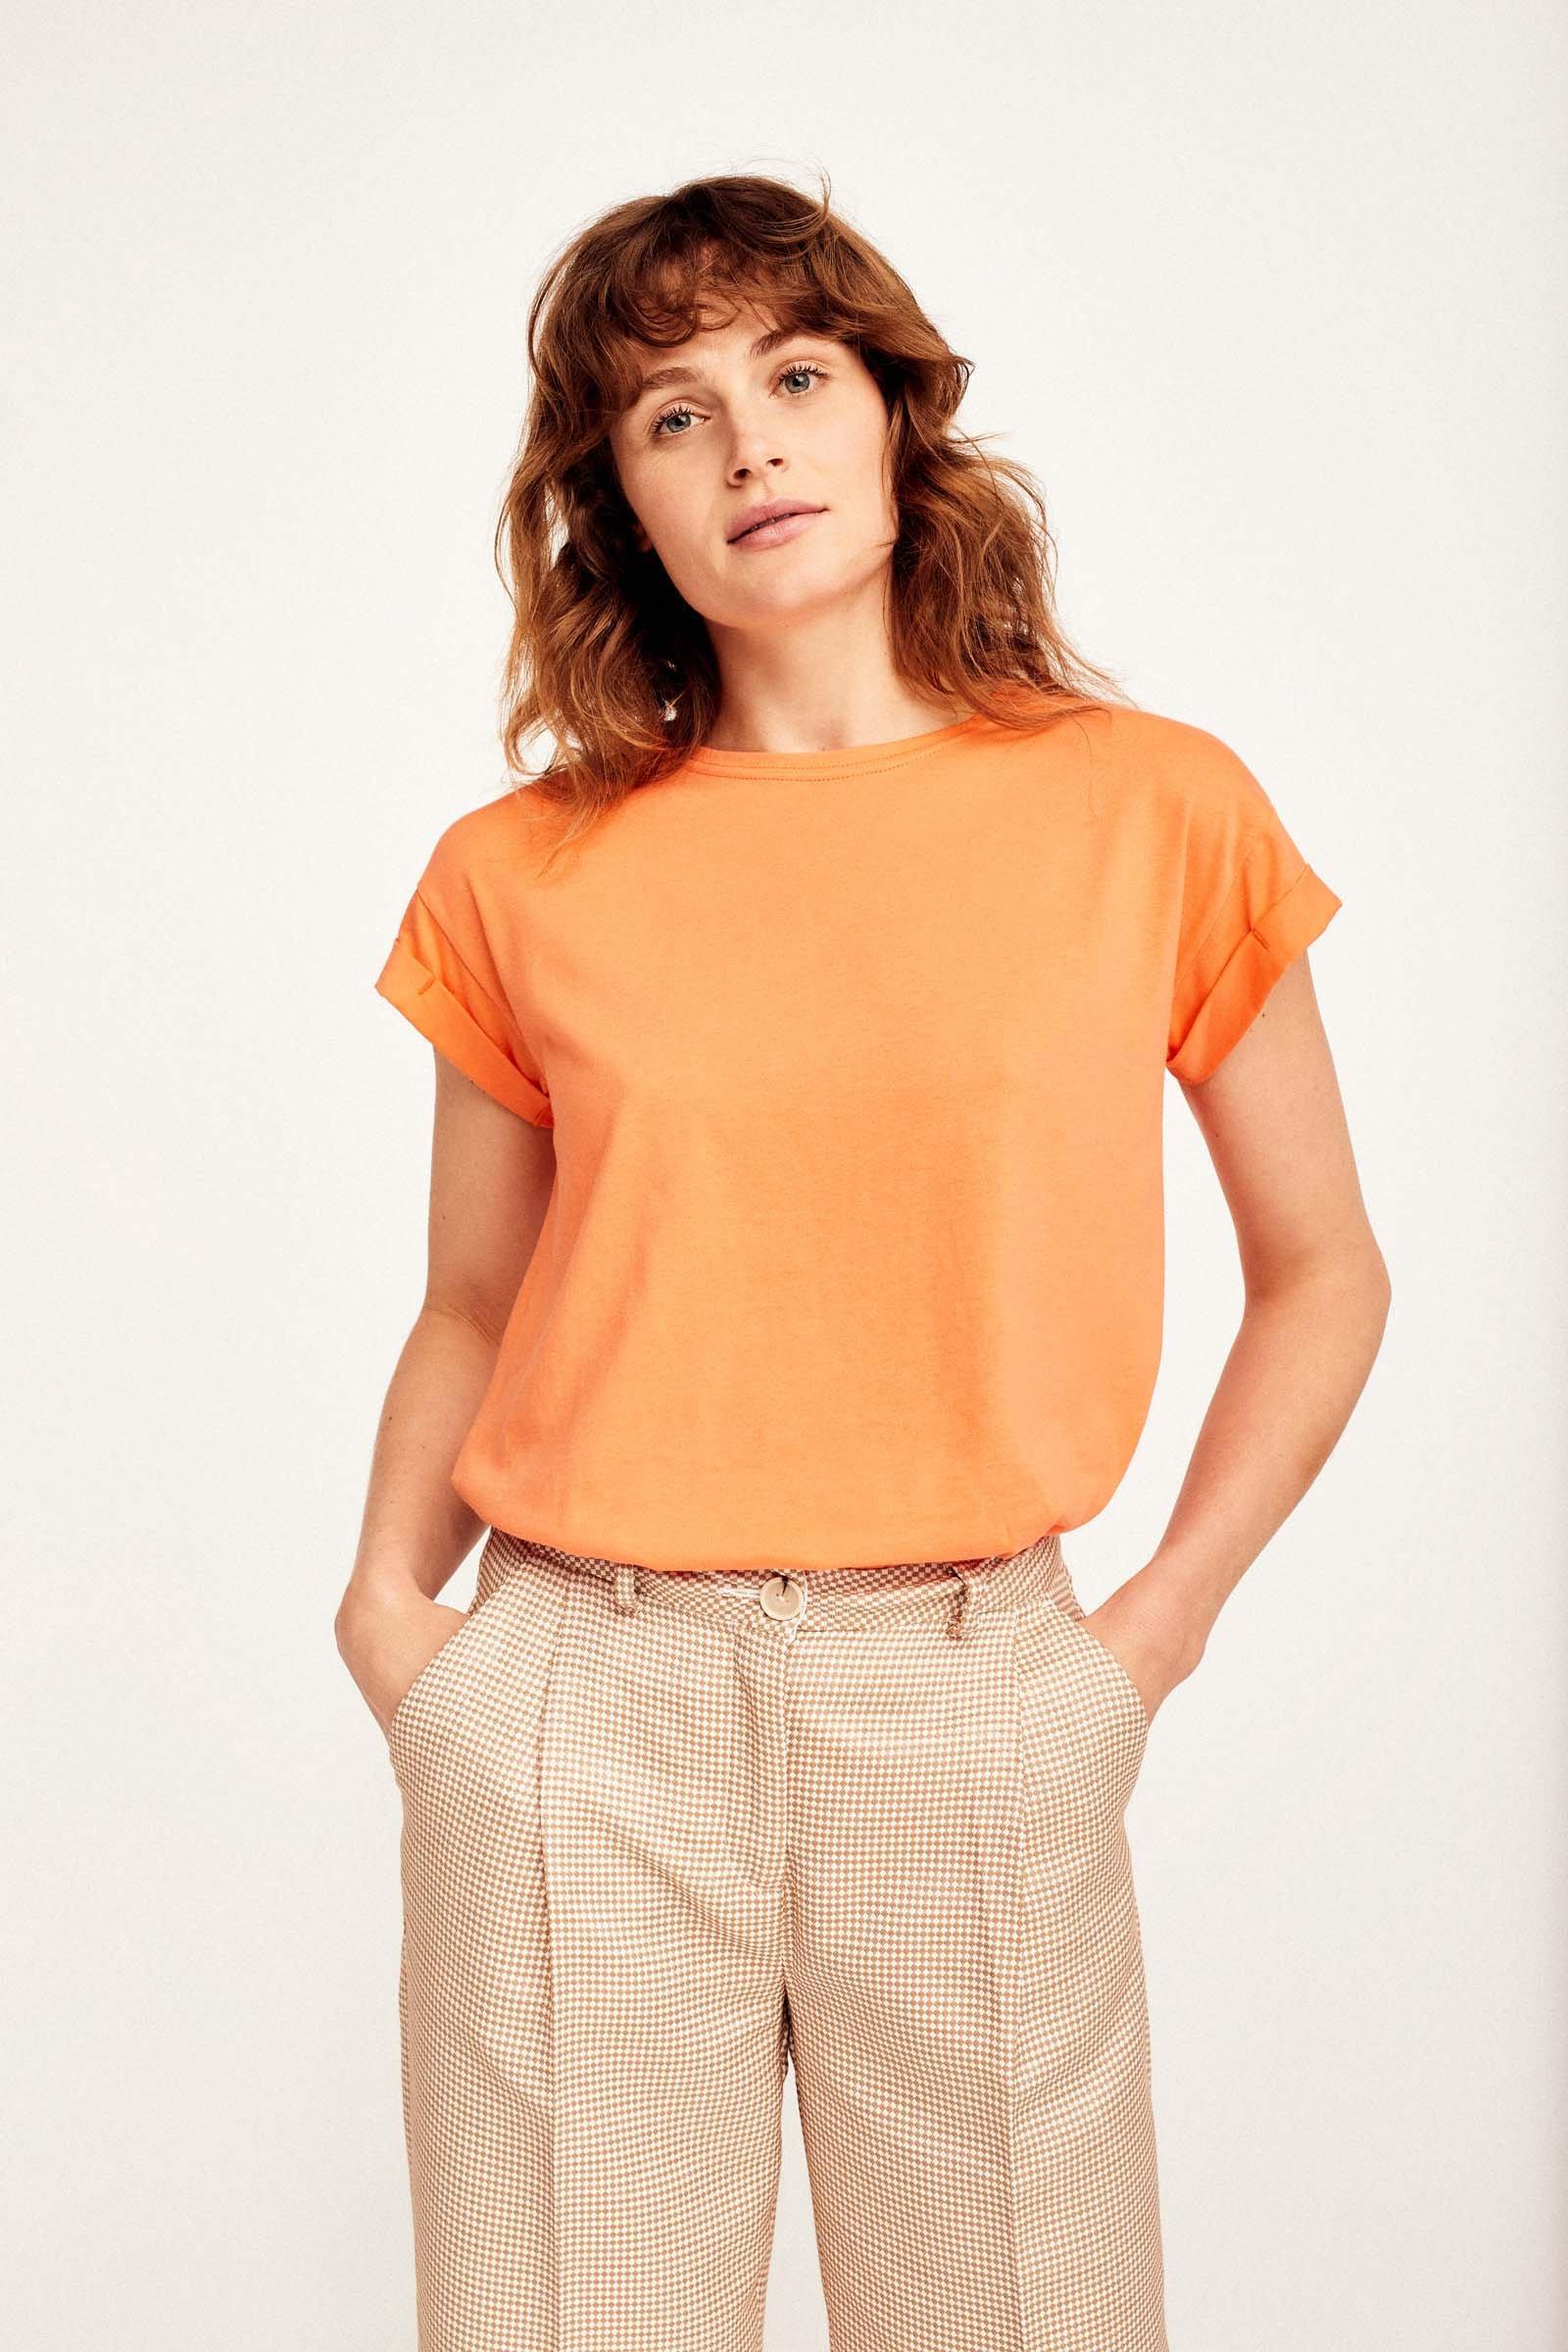 CKS Dames - JUNA - t-shirt korte mouwen - rood